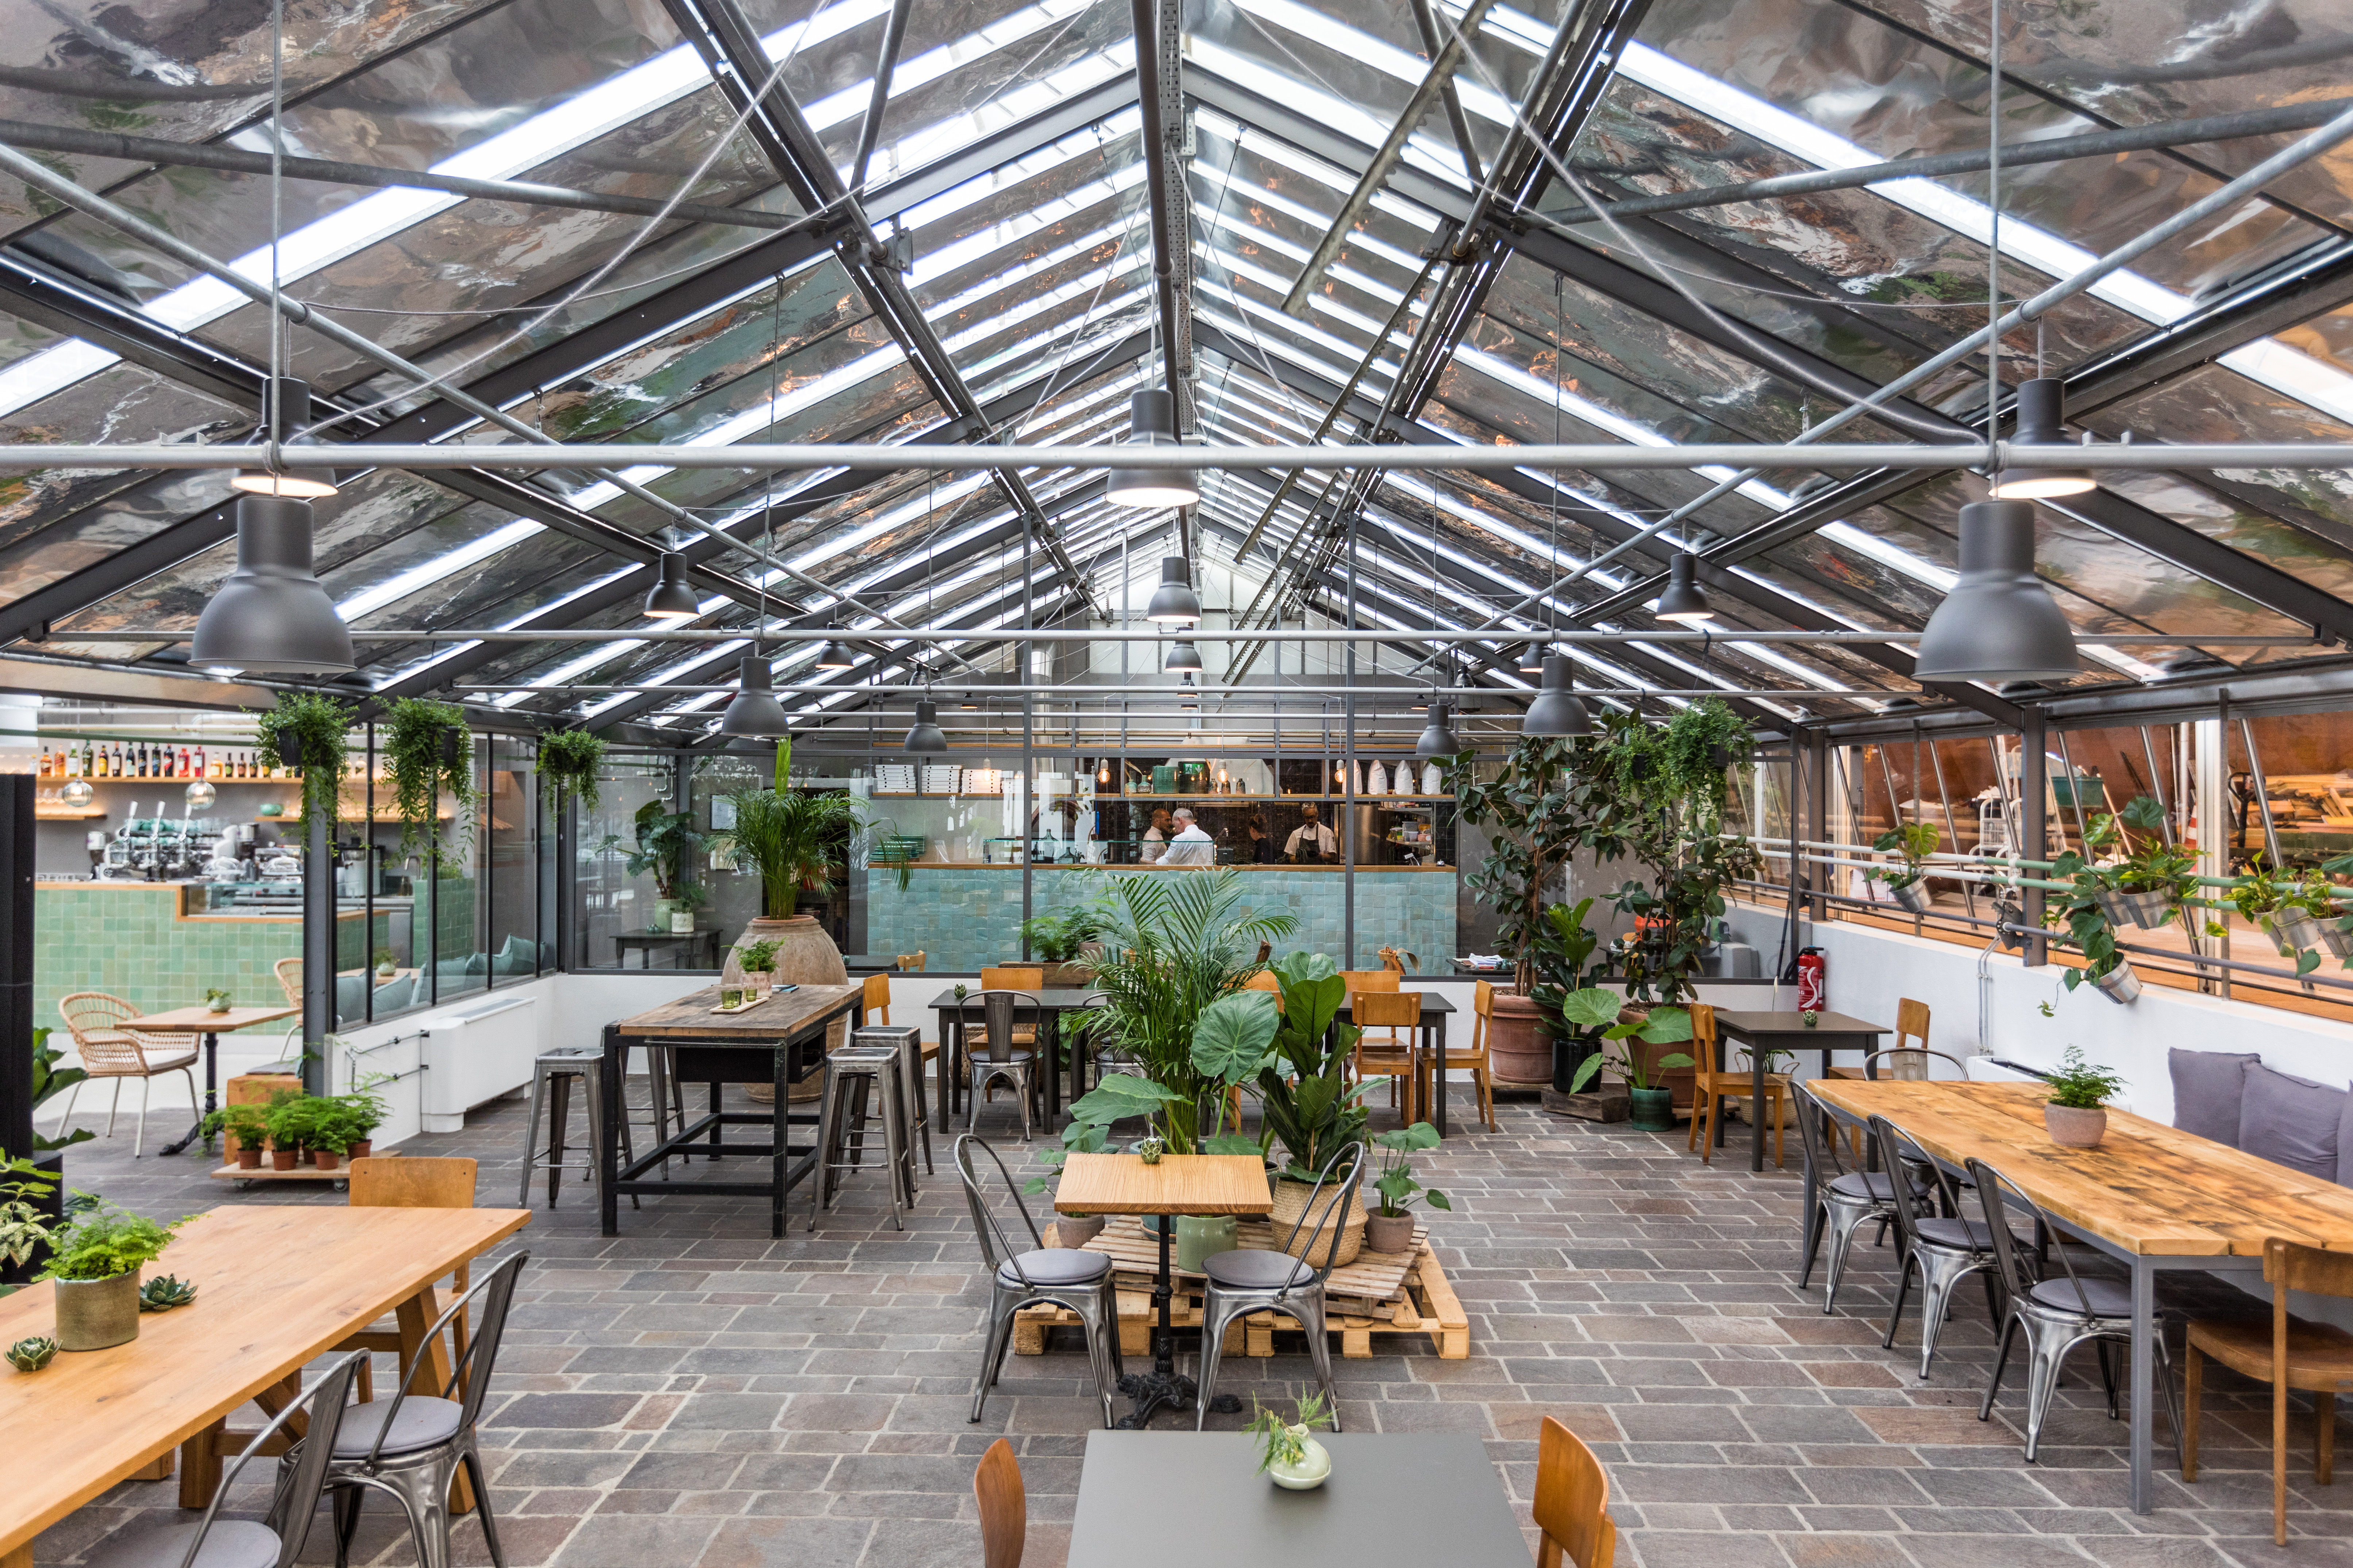 Restauration du restaurant La Serra